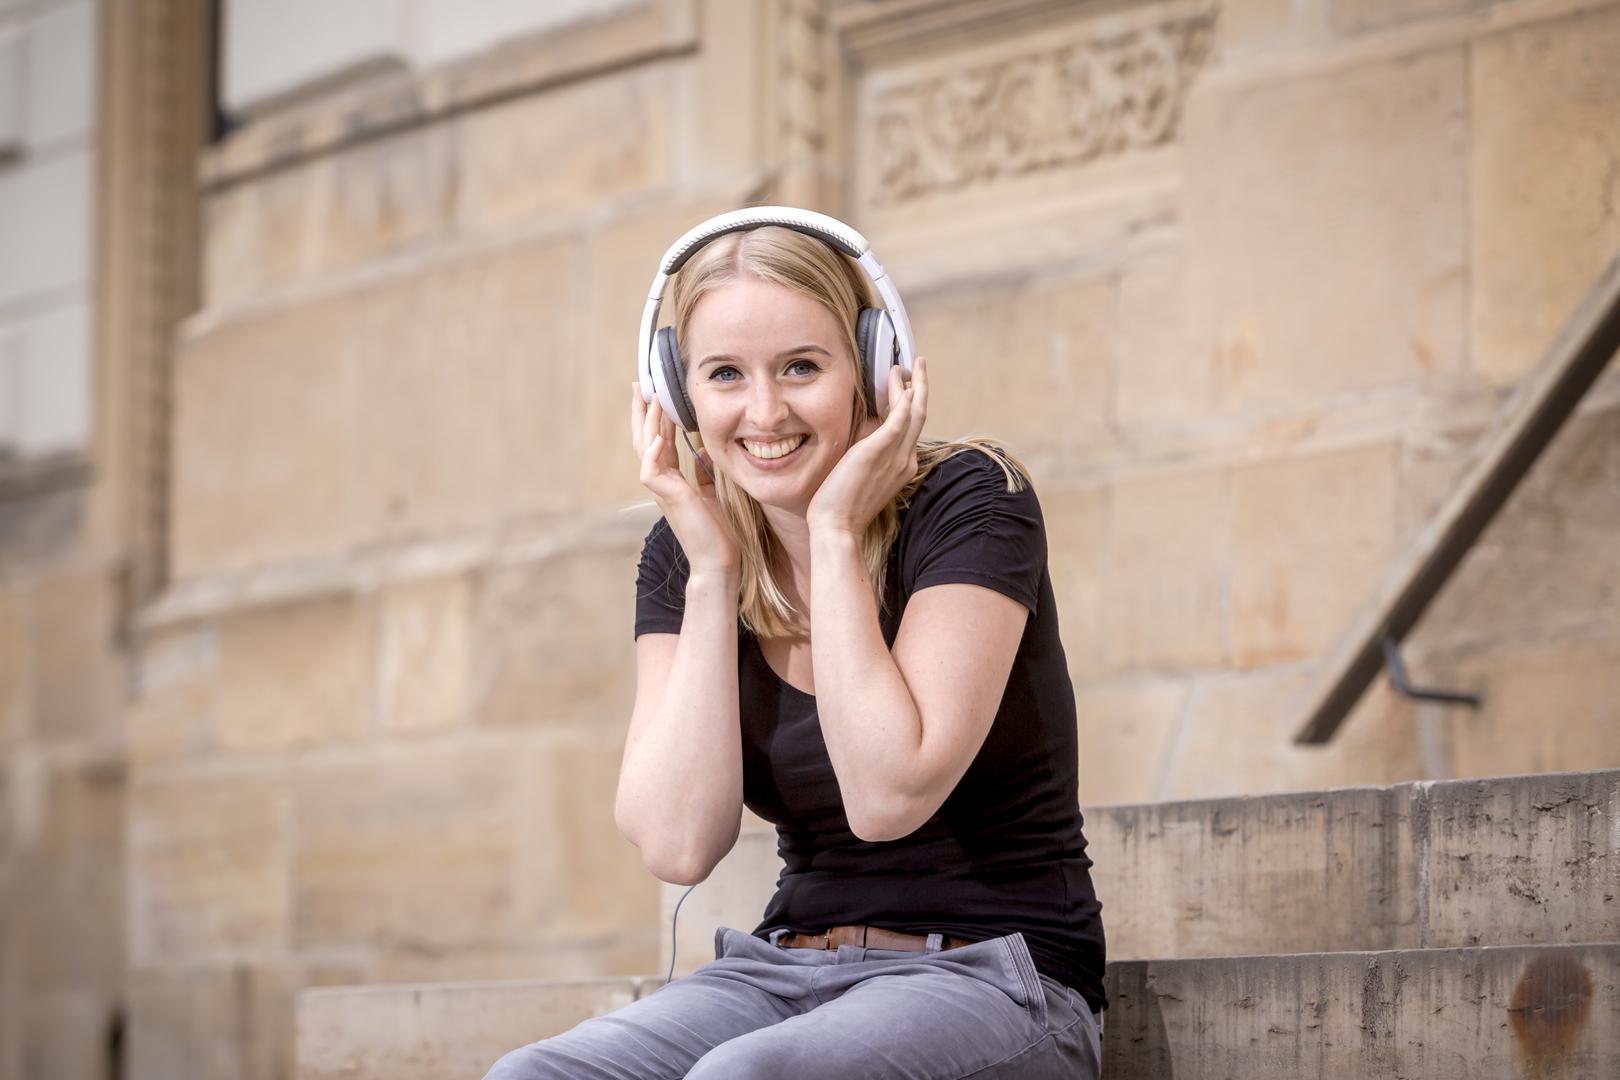 Junge Frau sitzt mit Kopfhörern aud der Treppe und lächelt in die Kamera.